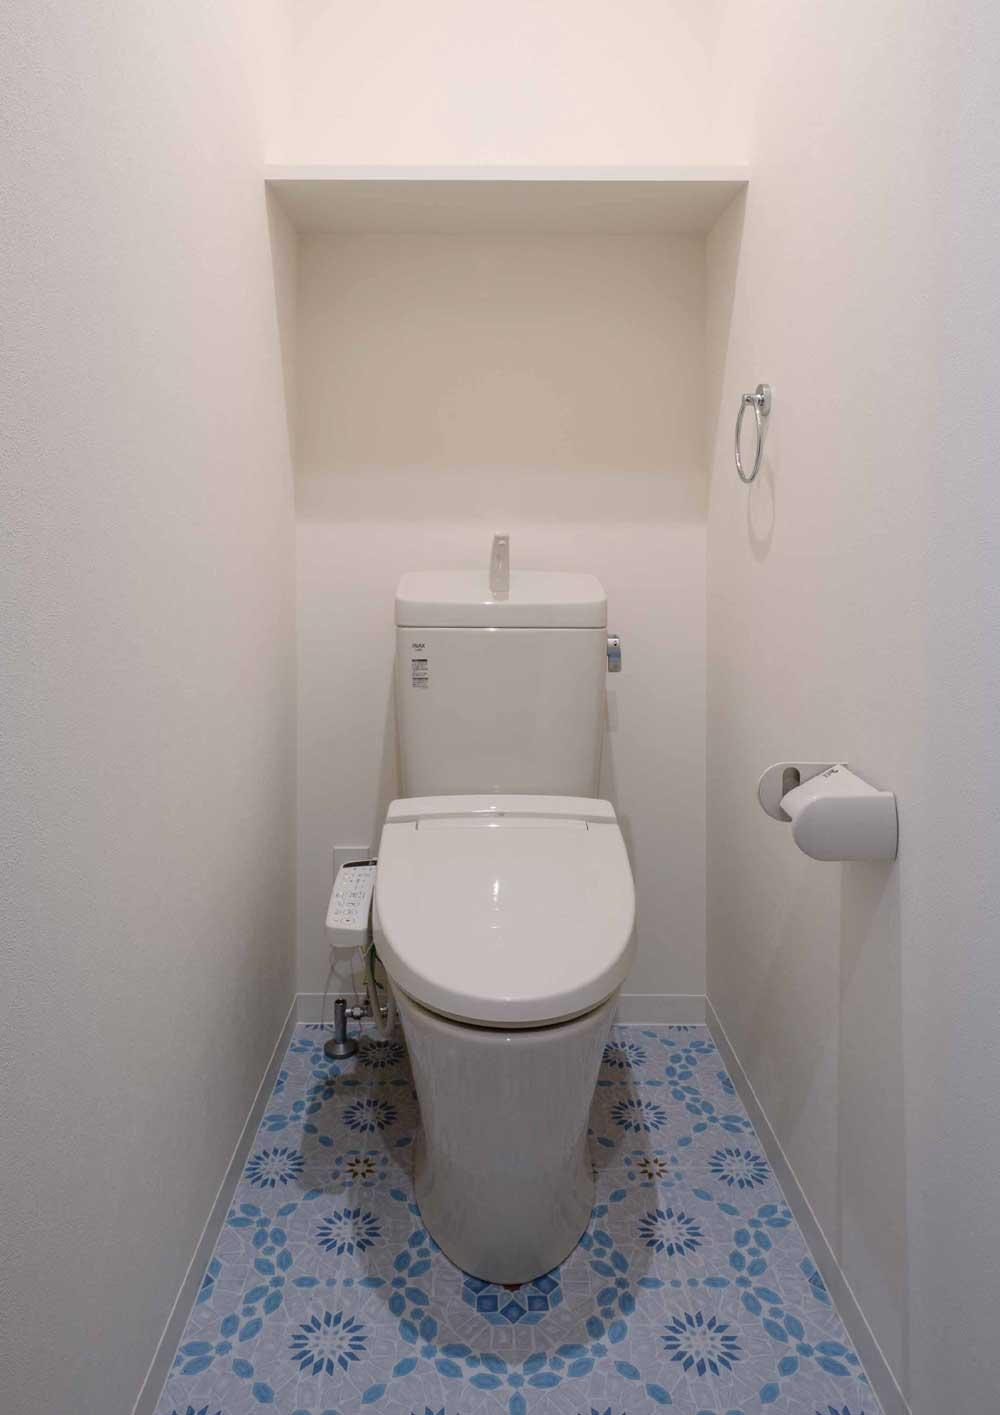 マンションクレセントコート・ブルーを基調にした明るいトイレ